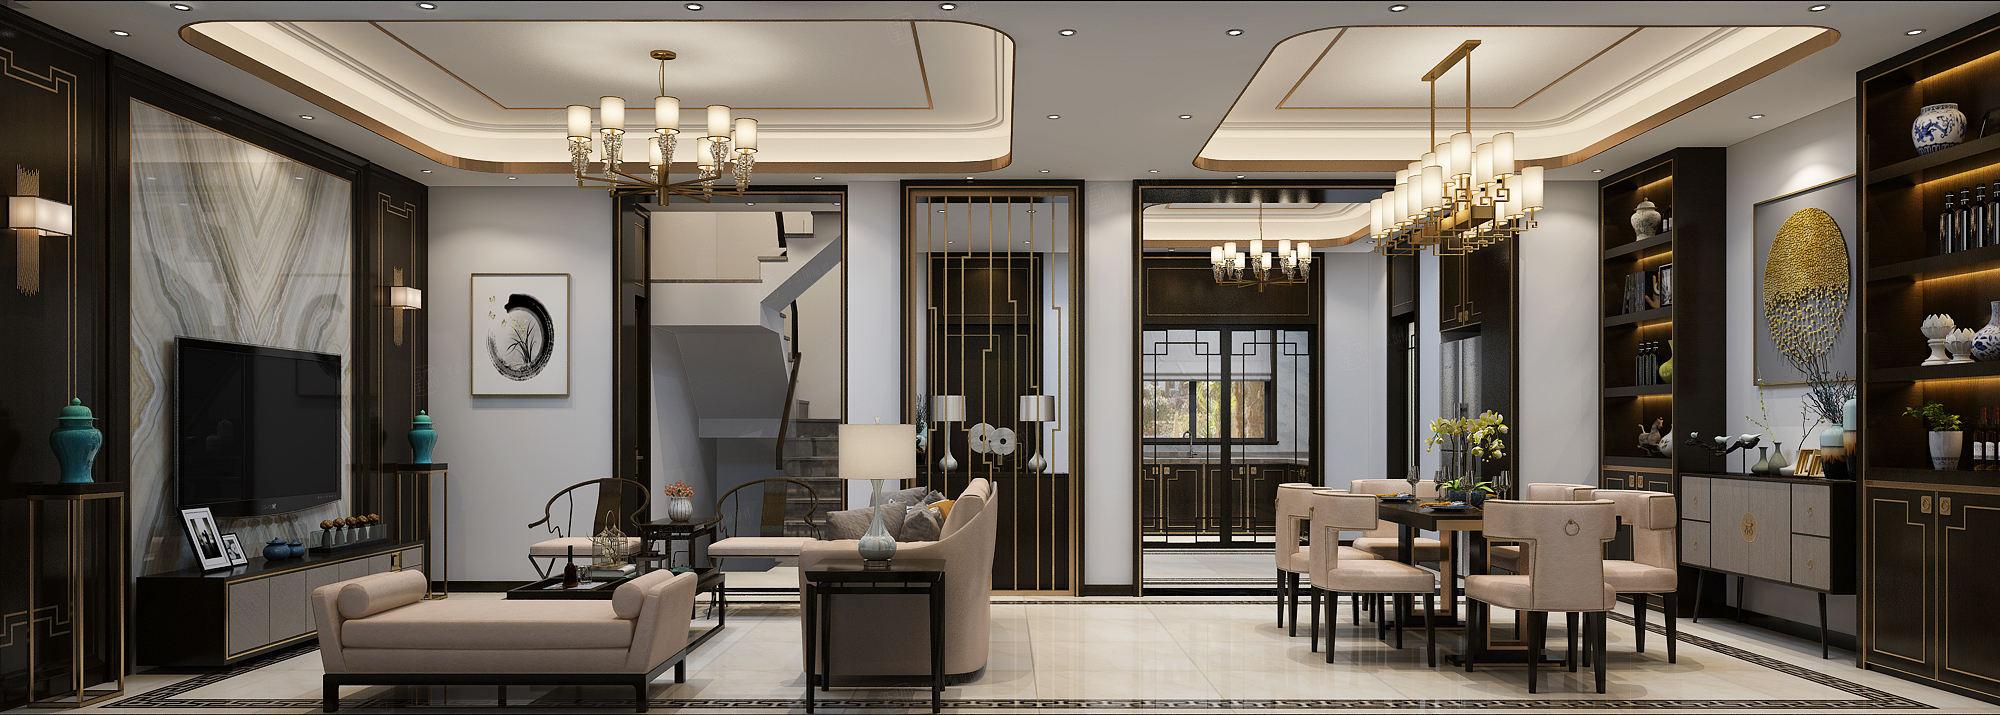 新弘墅园 新中式装修客厅效果图